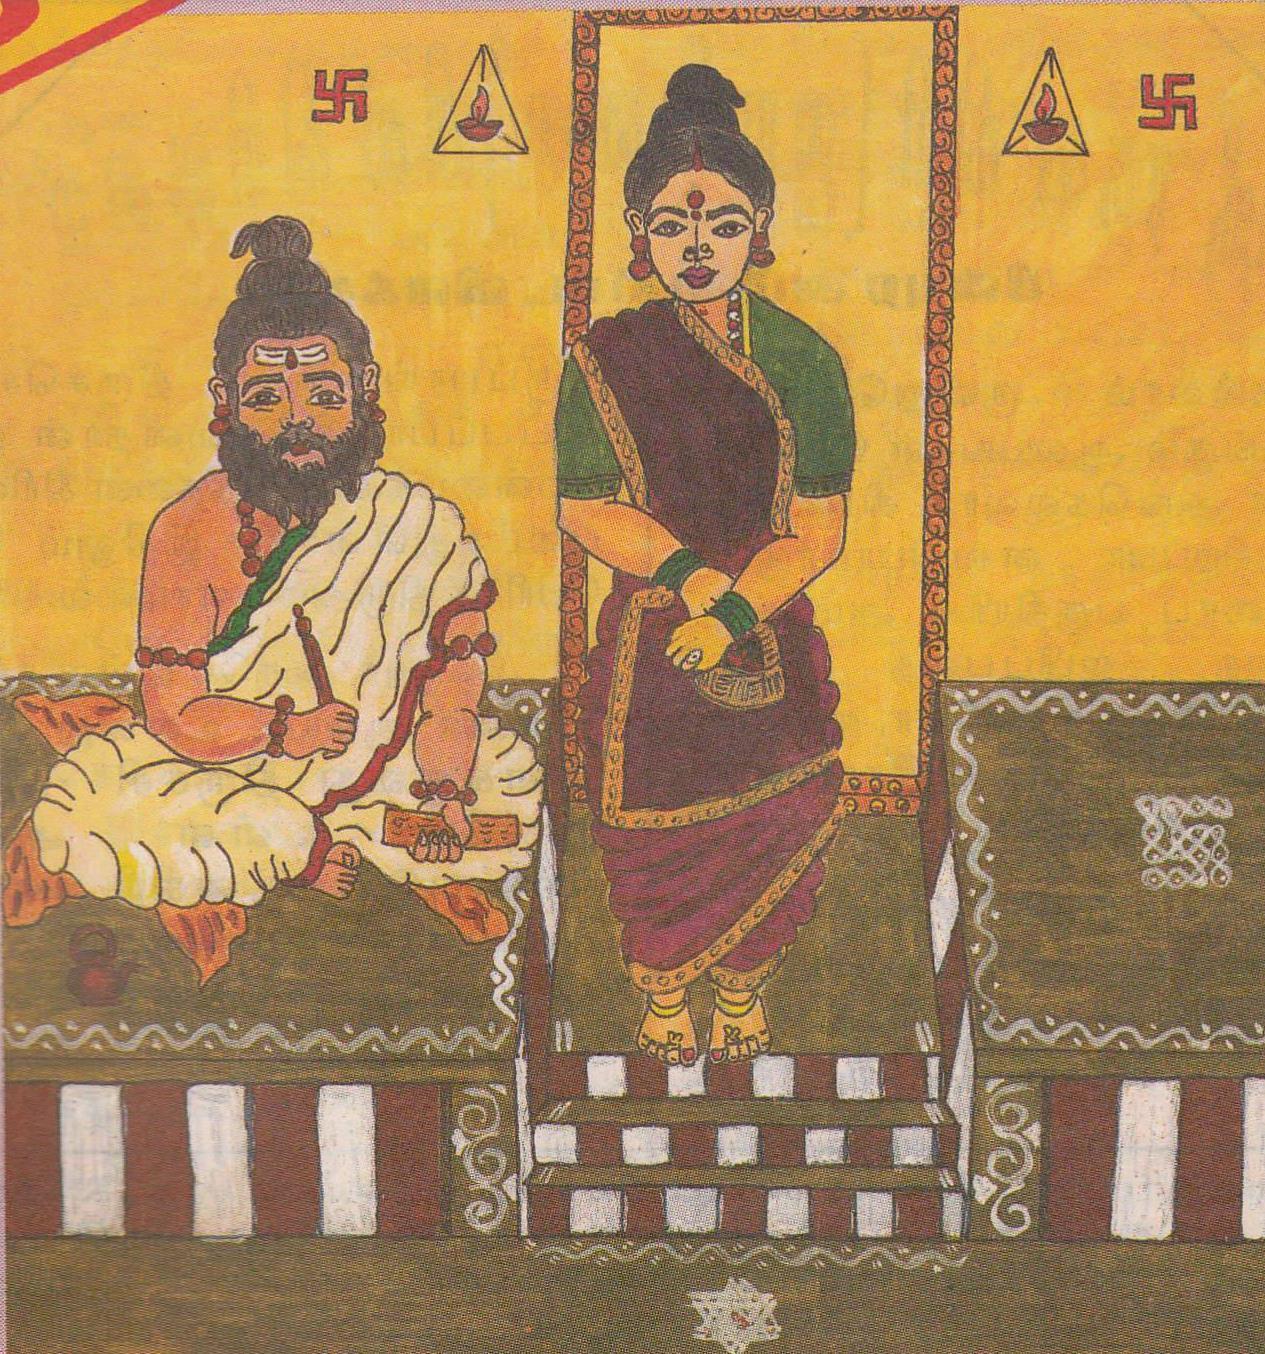 ஸ்ரீ-ல-ஸ்ரீ லோபாமாதா சமேத அகத்தியர்